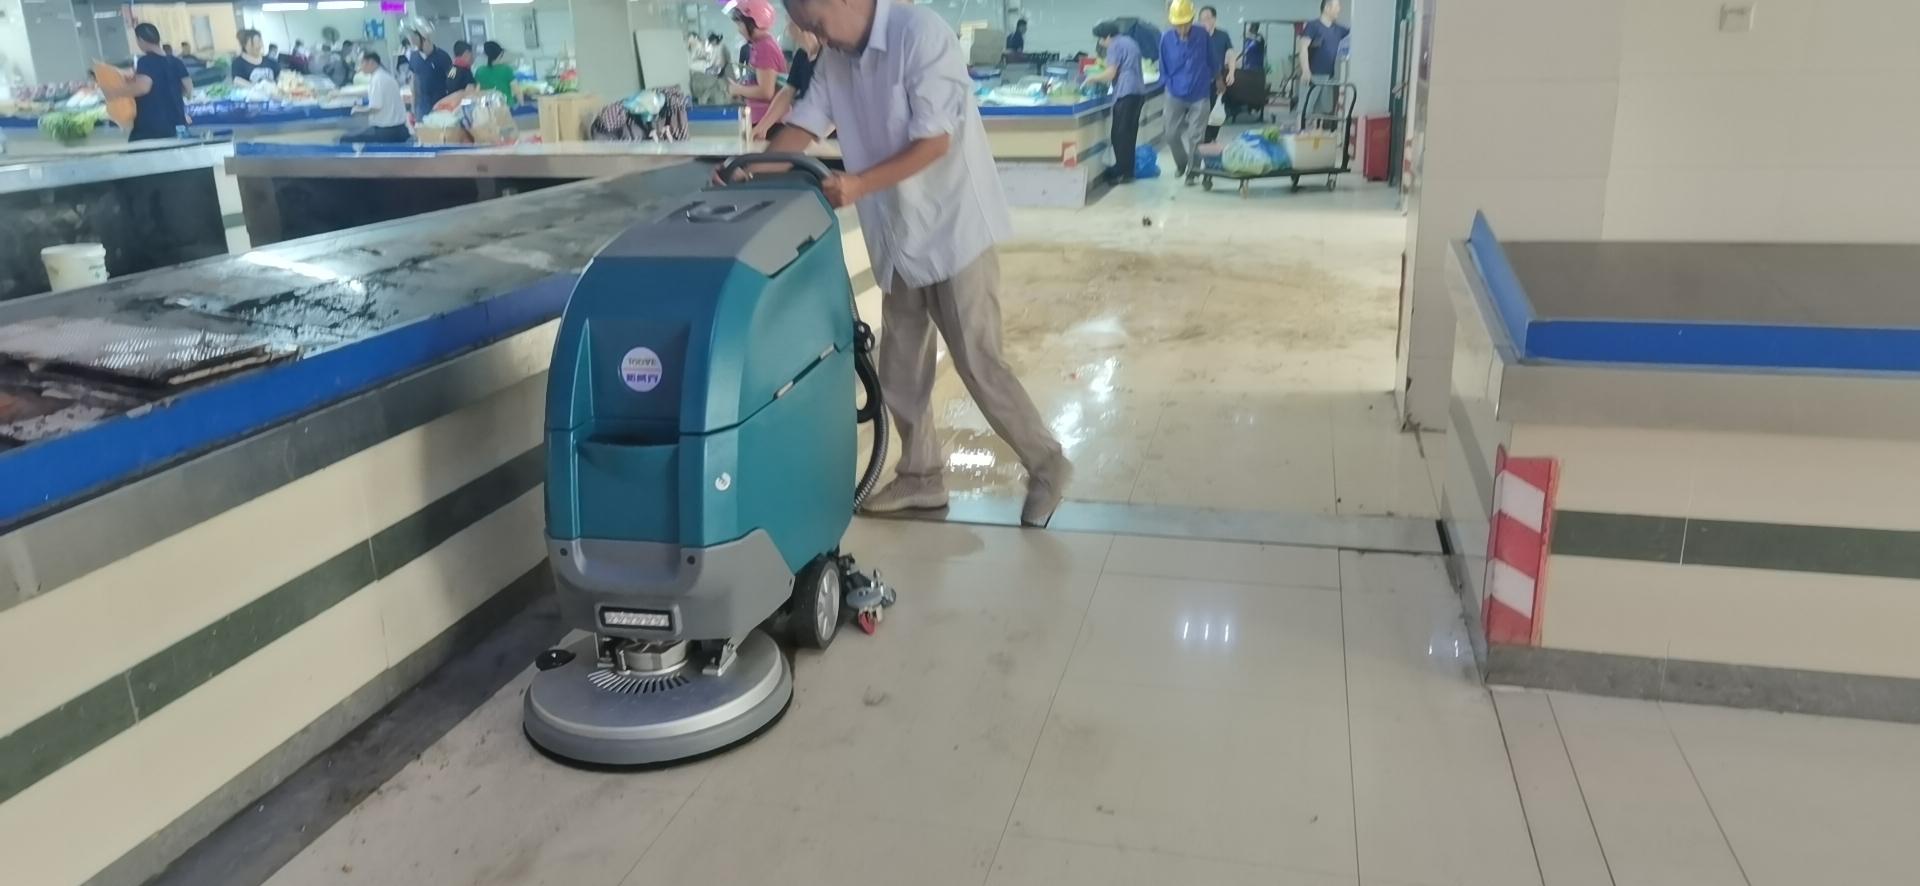 洗地机刷盘为什么不转?应该怎么处理?